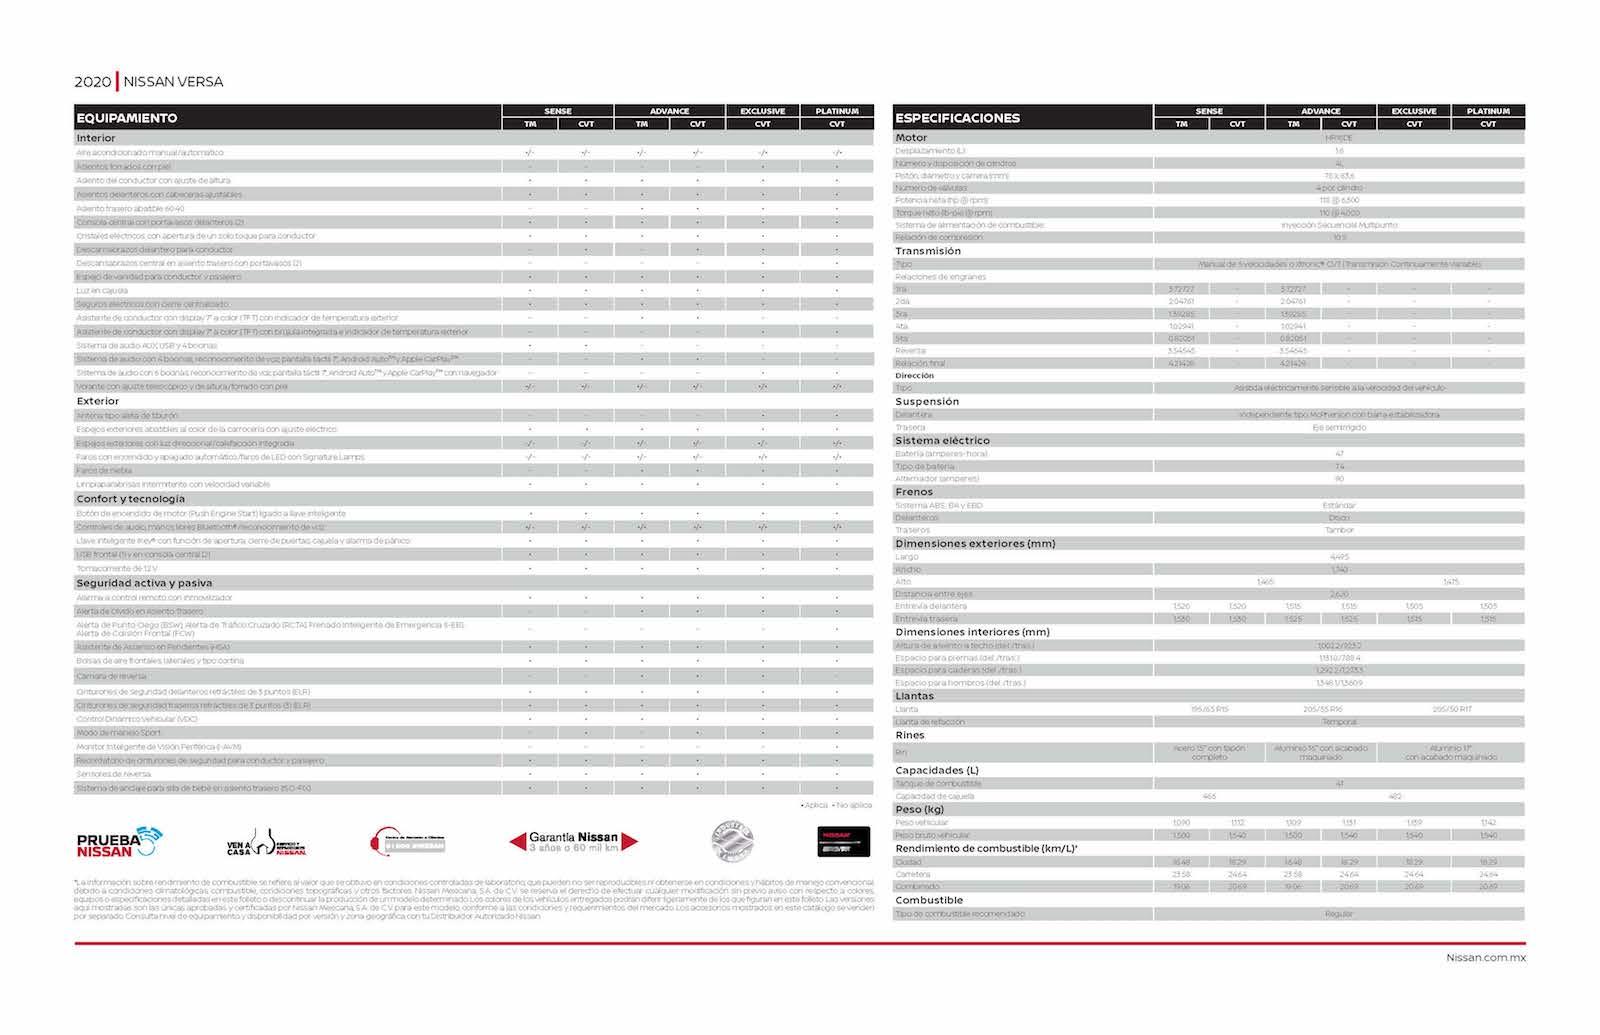 Vision Automotriz Blog Archive Nissan Versa 2020 Lanzamiento Mexico Precios Versiones Ficha Tecnica Equipamiento Vision Automotriz Magazine Ficha Tecnica Versa 2020